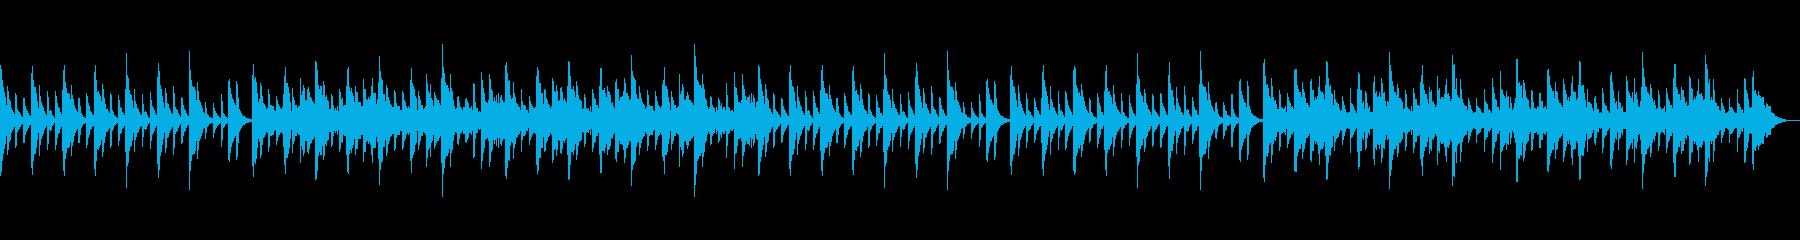 安心する可愛らしい音色の再生済みの波形